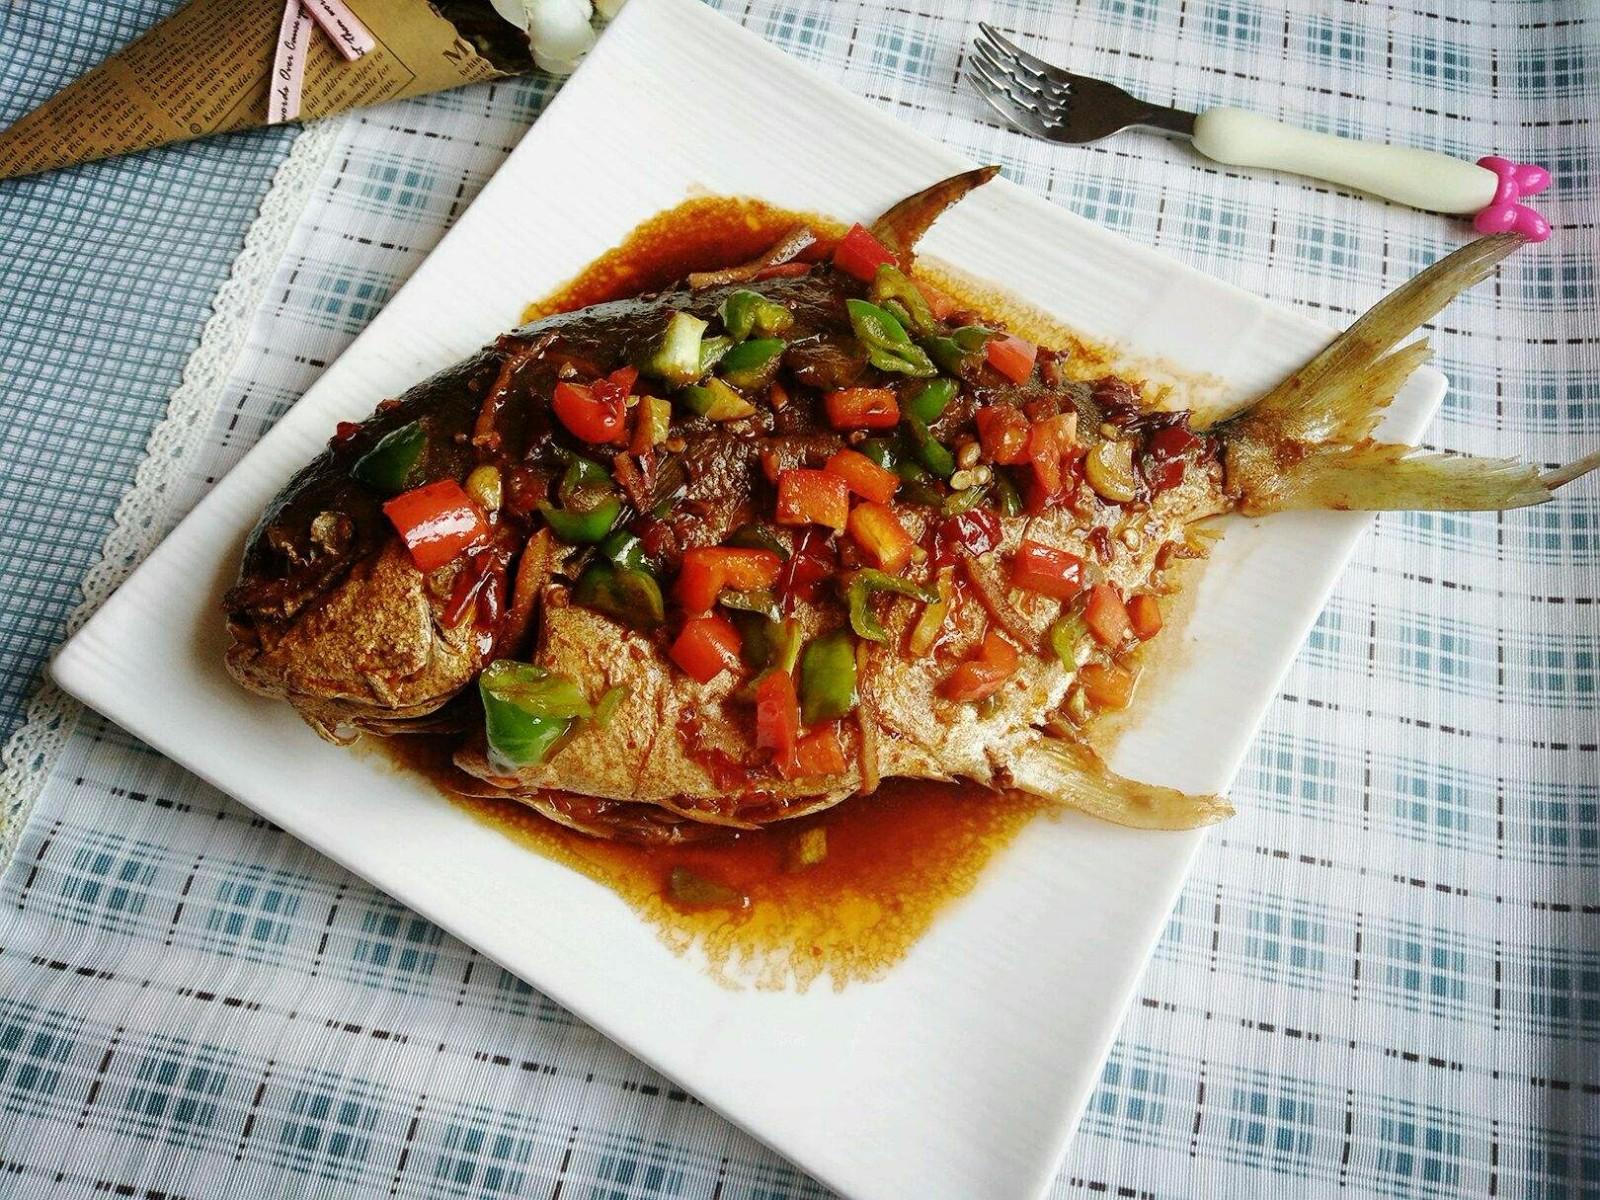 红烧鲳鱼,鲳鱼:1,将蛏子拍上干做法2,锅中放油烧热,将东西放入锅中淀粉干可以蒸什么鲳鱼吃图片